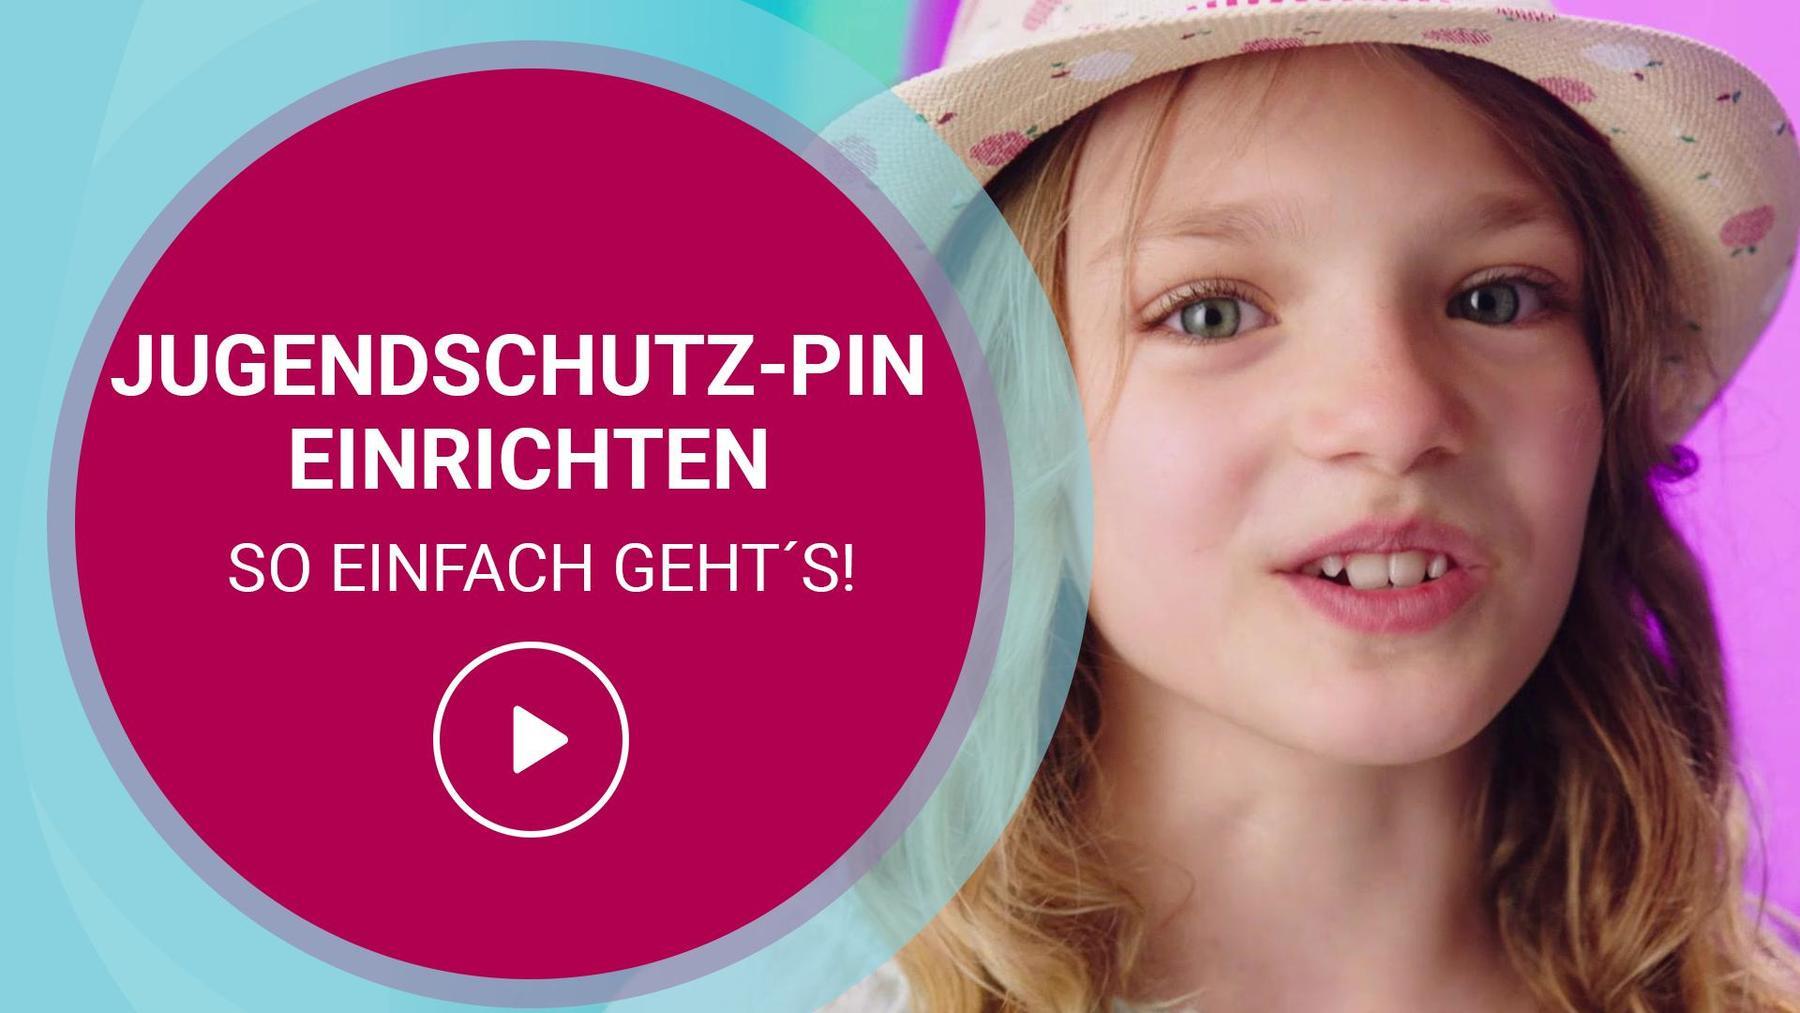 Jugendschutz - PIN